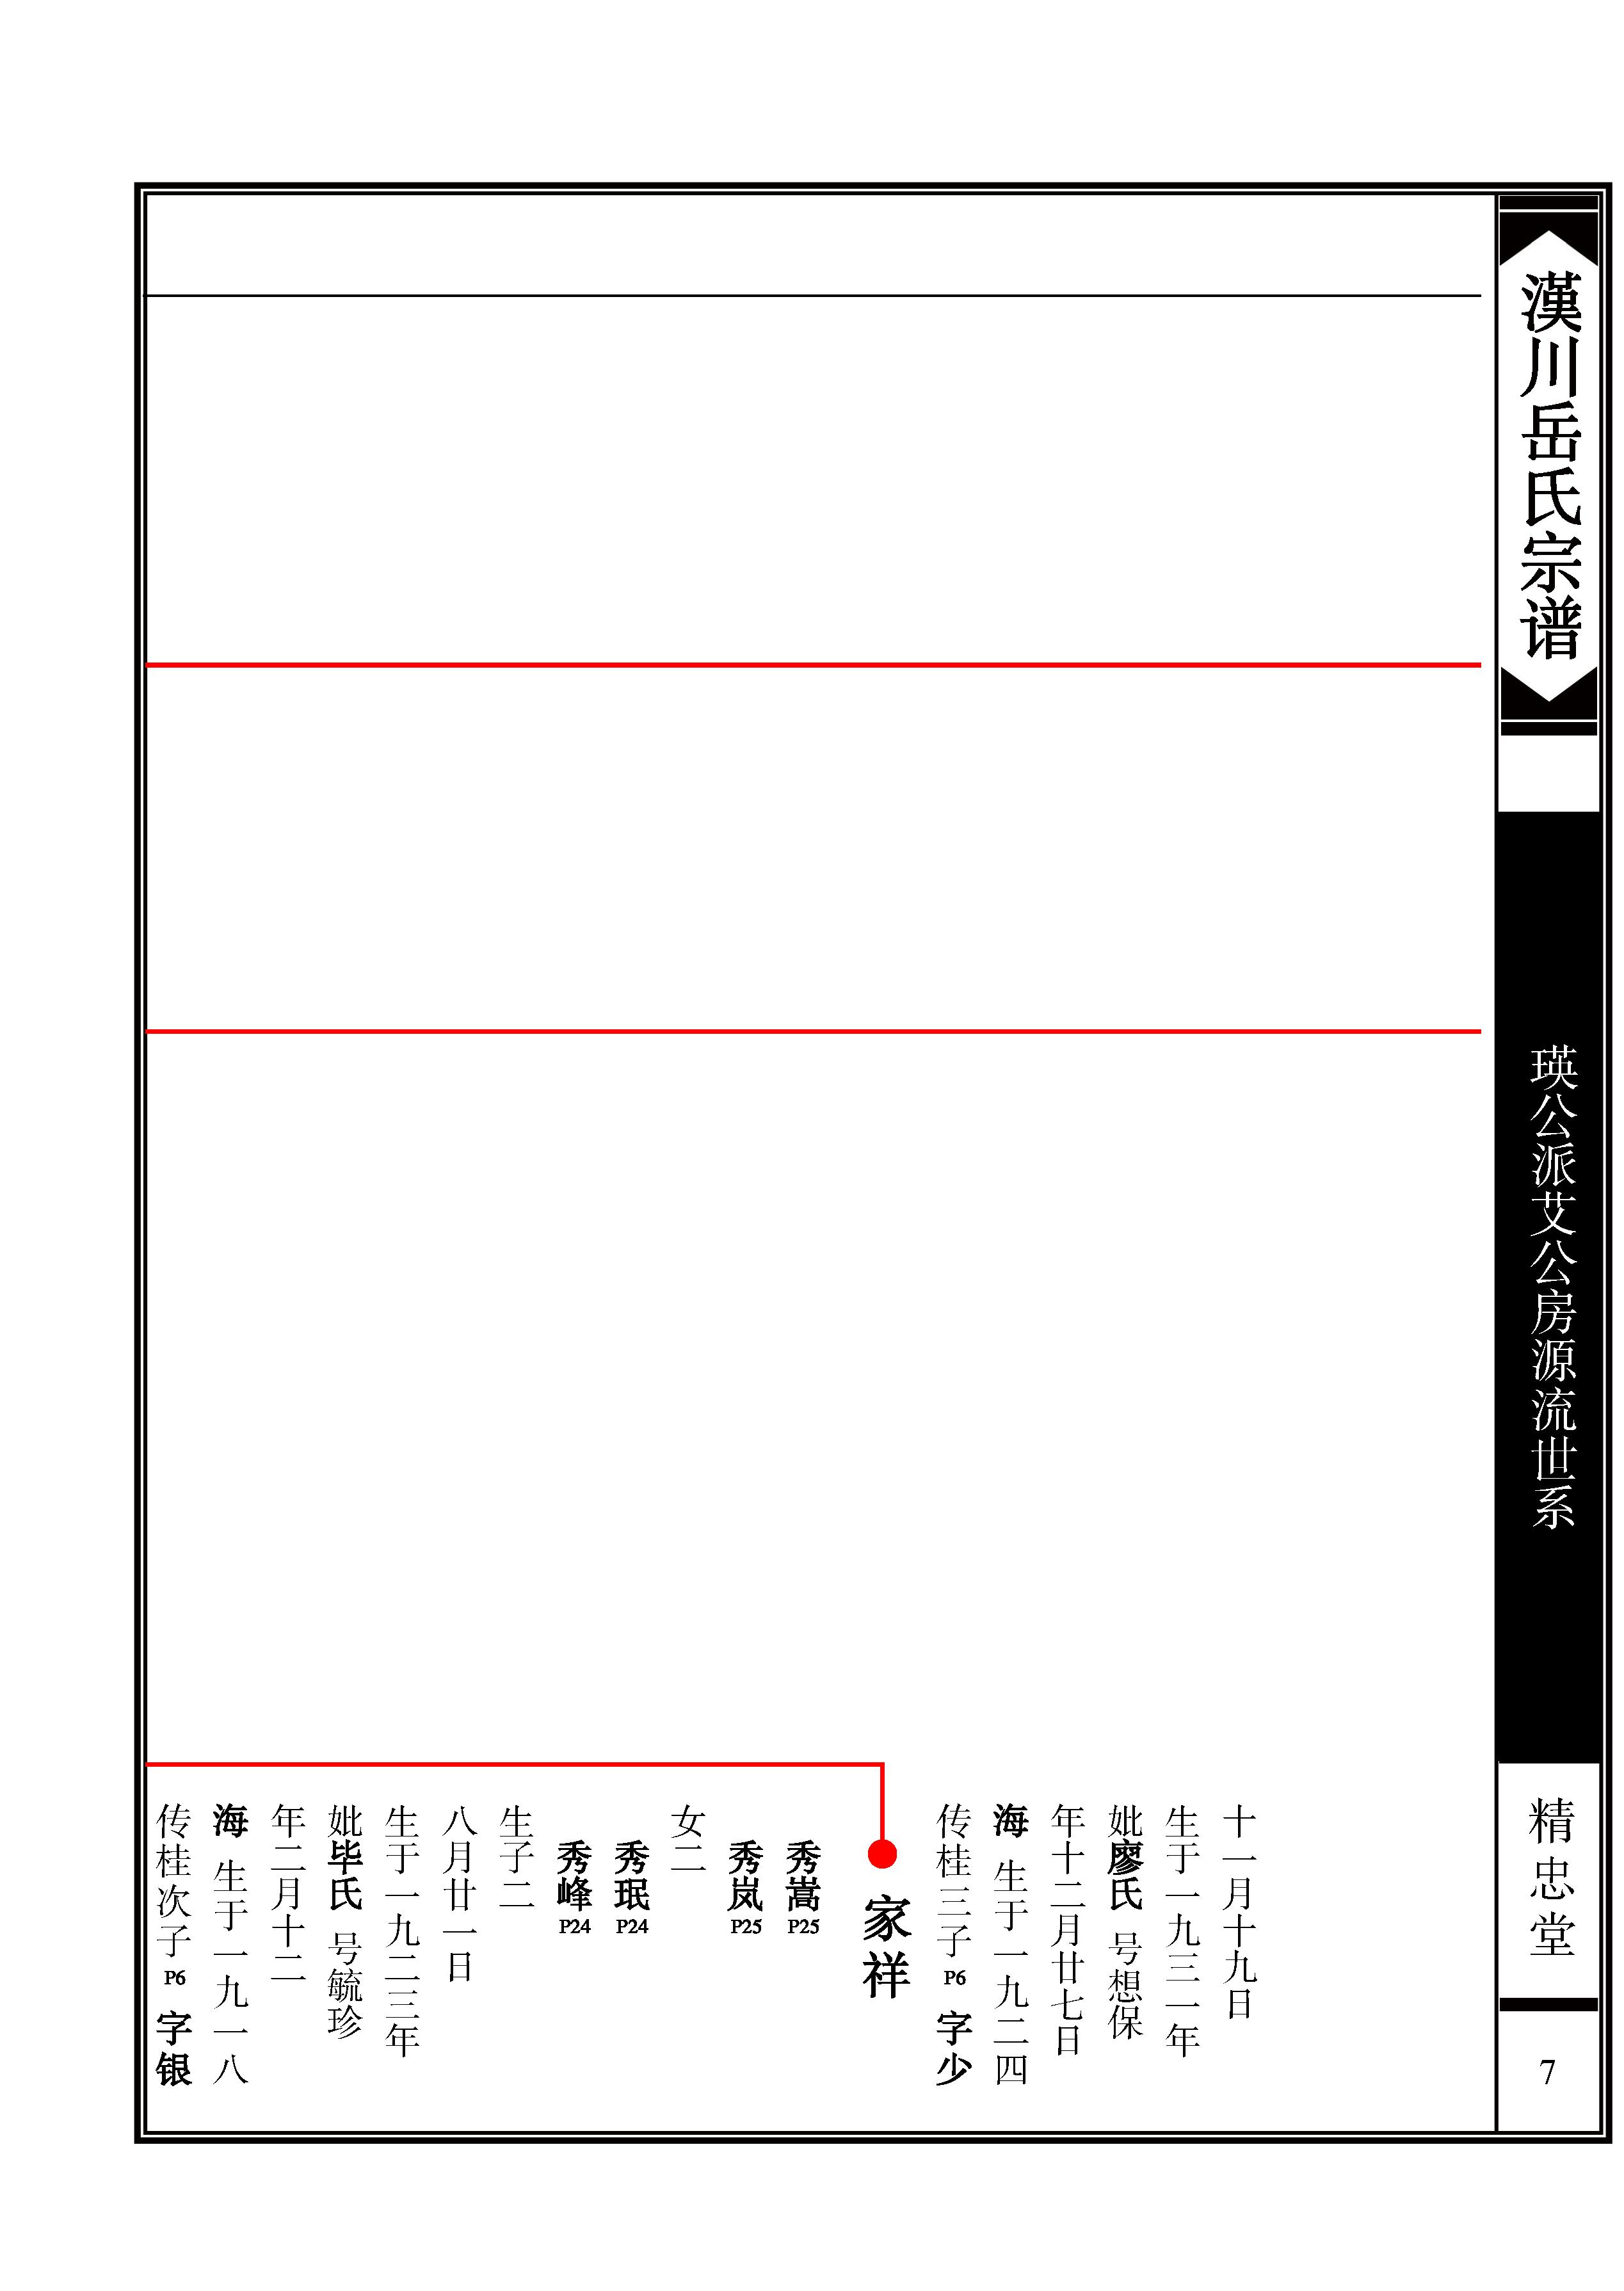 页面提取自-09仿古吊线欧式_页面_4